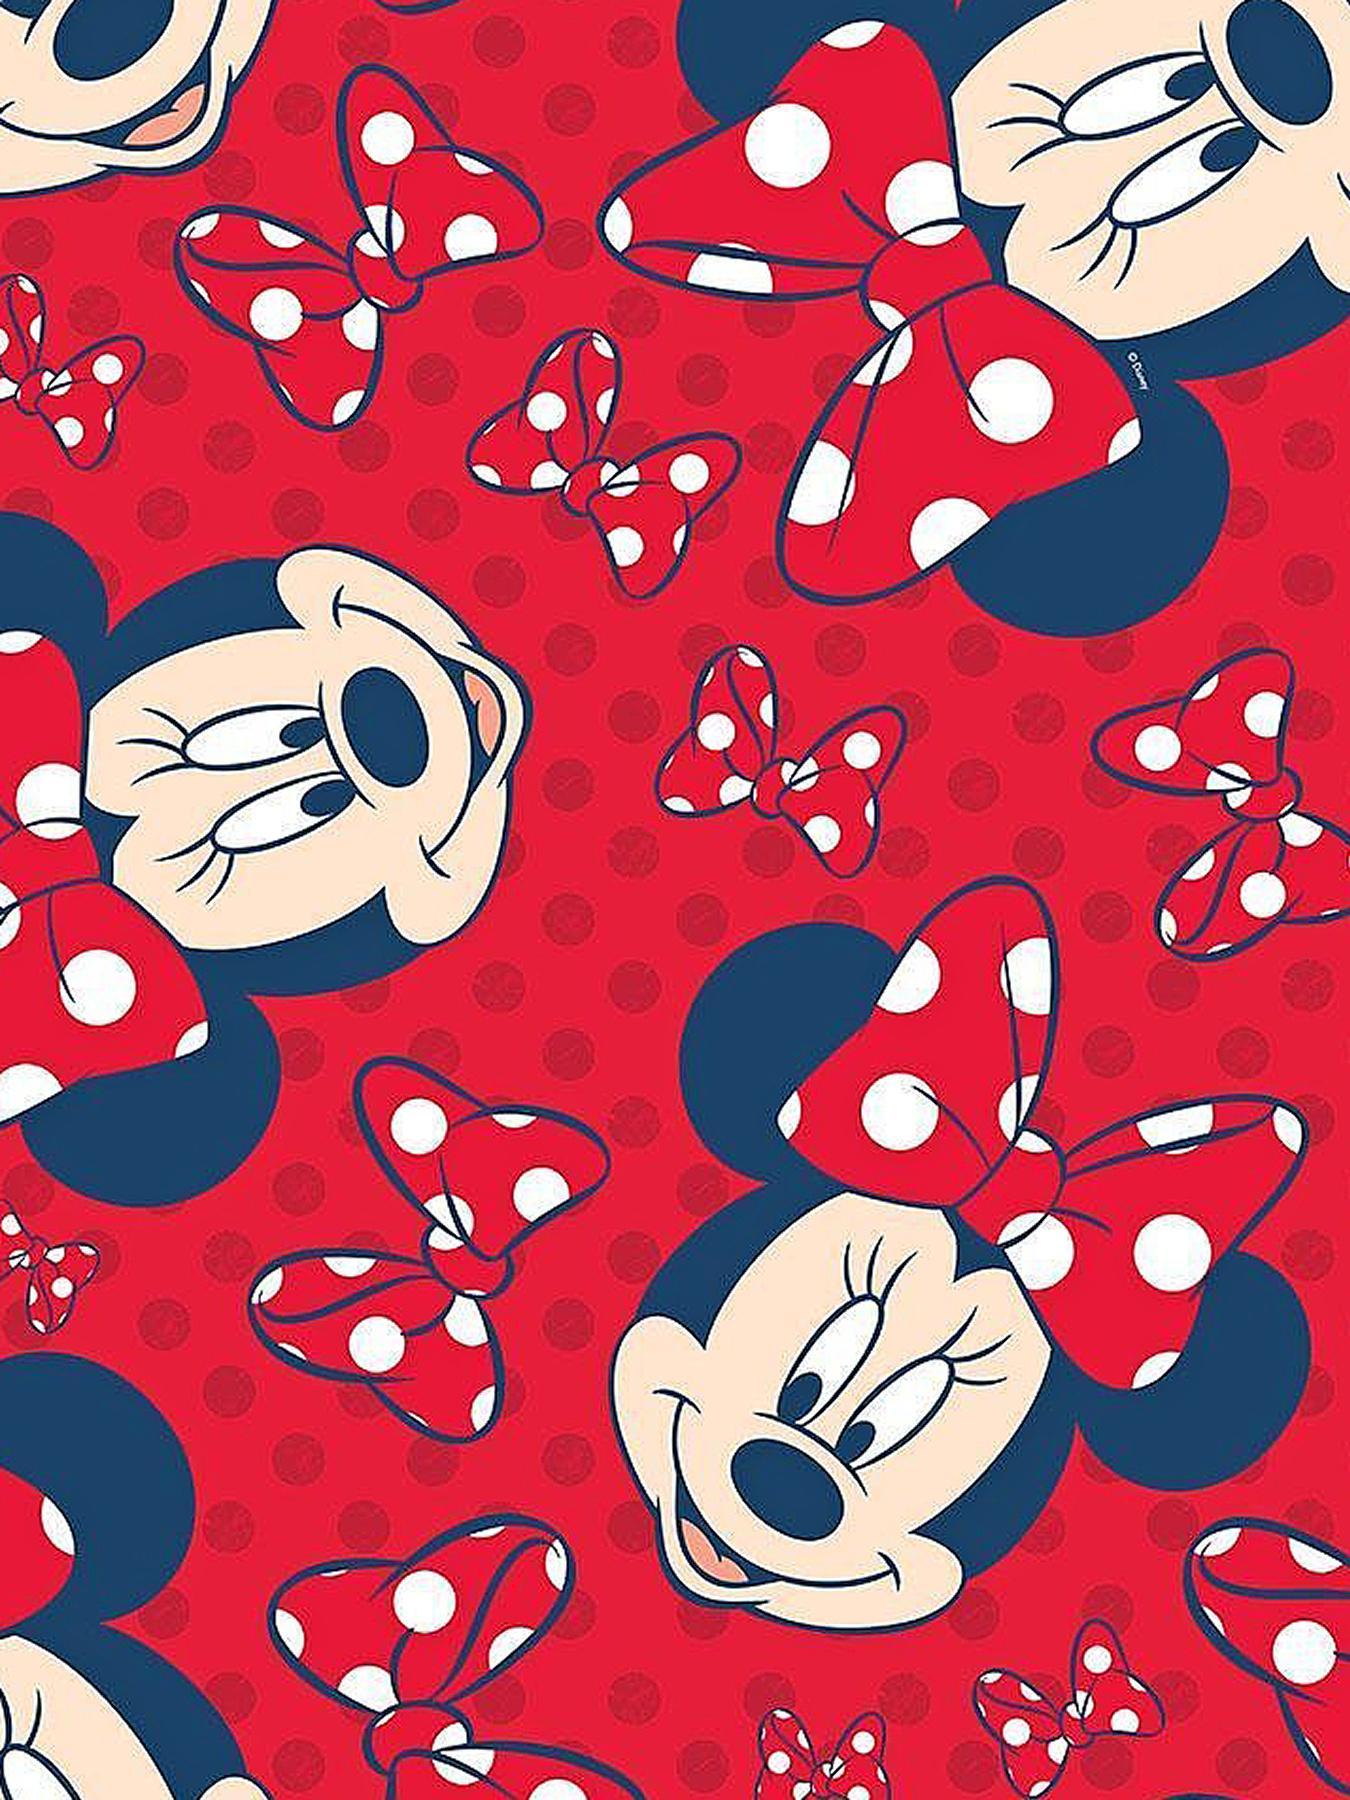 画像 可愛い Disney ミニーマウス Minnie Mouse Iphoneスマホ壁紙